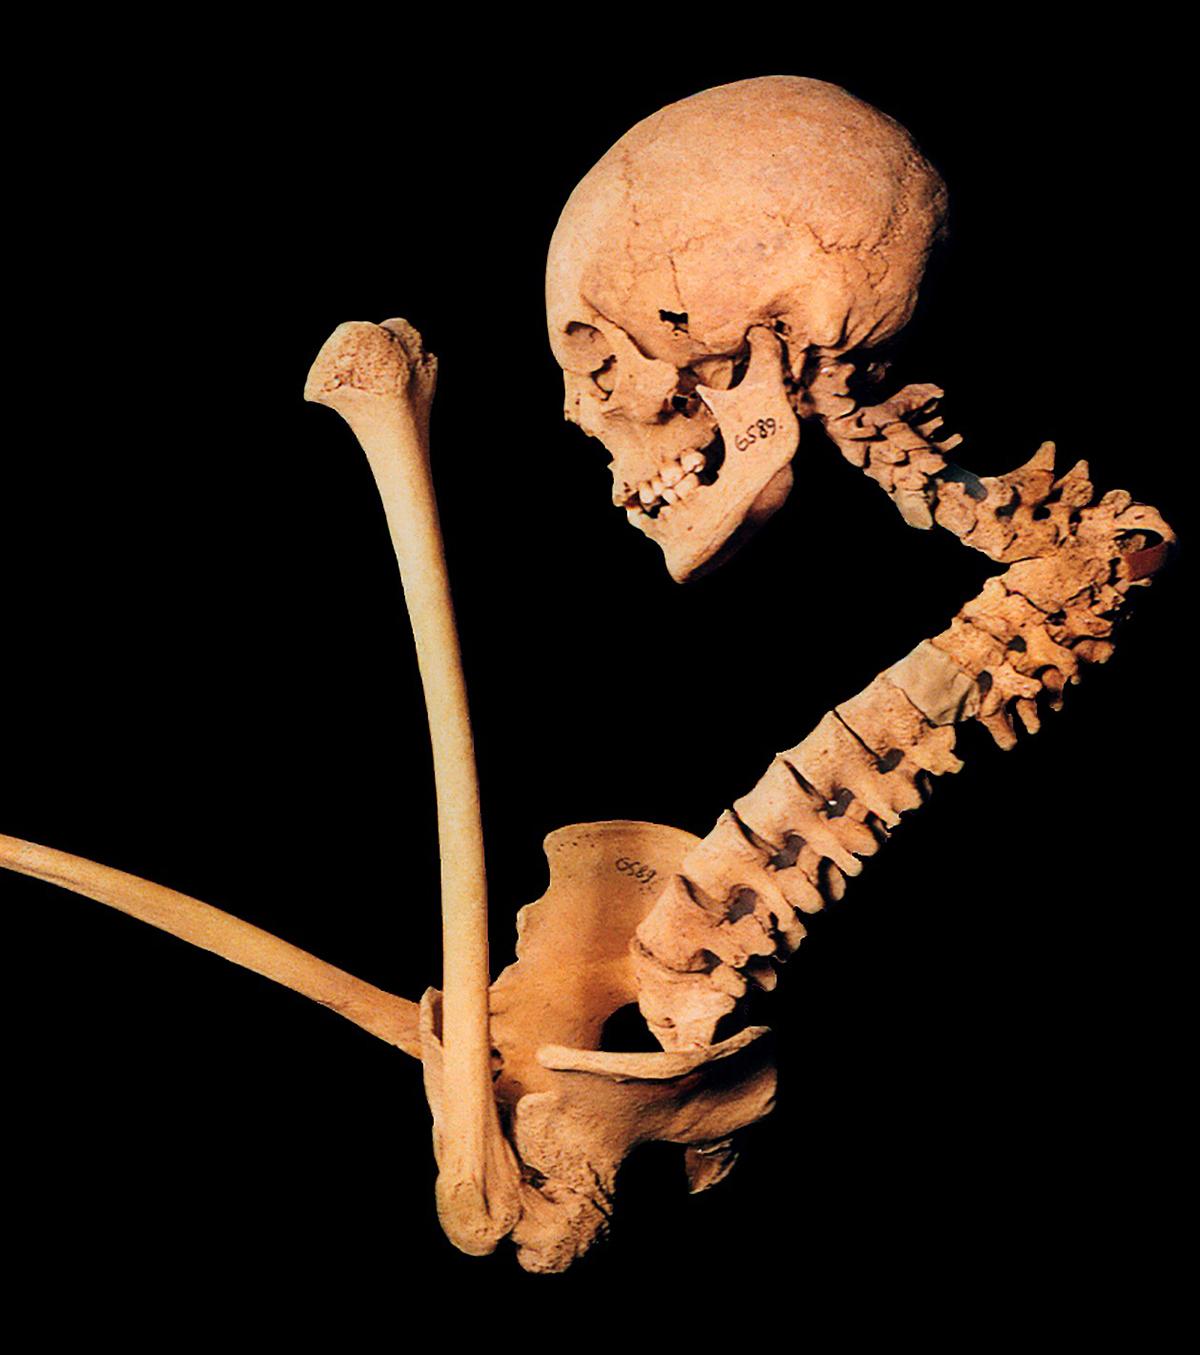 A csontot is pusztítja az ínybetegséget okozó baktérium